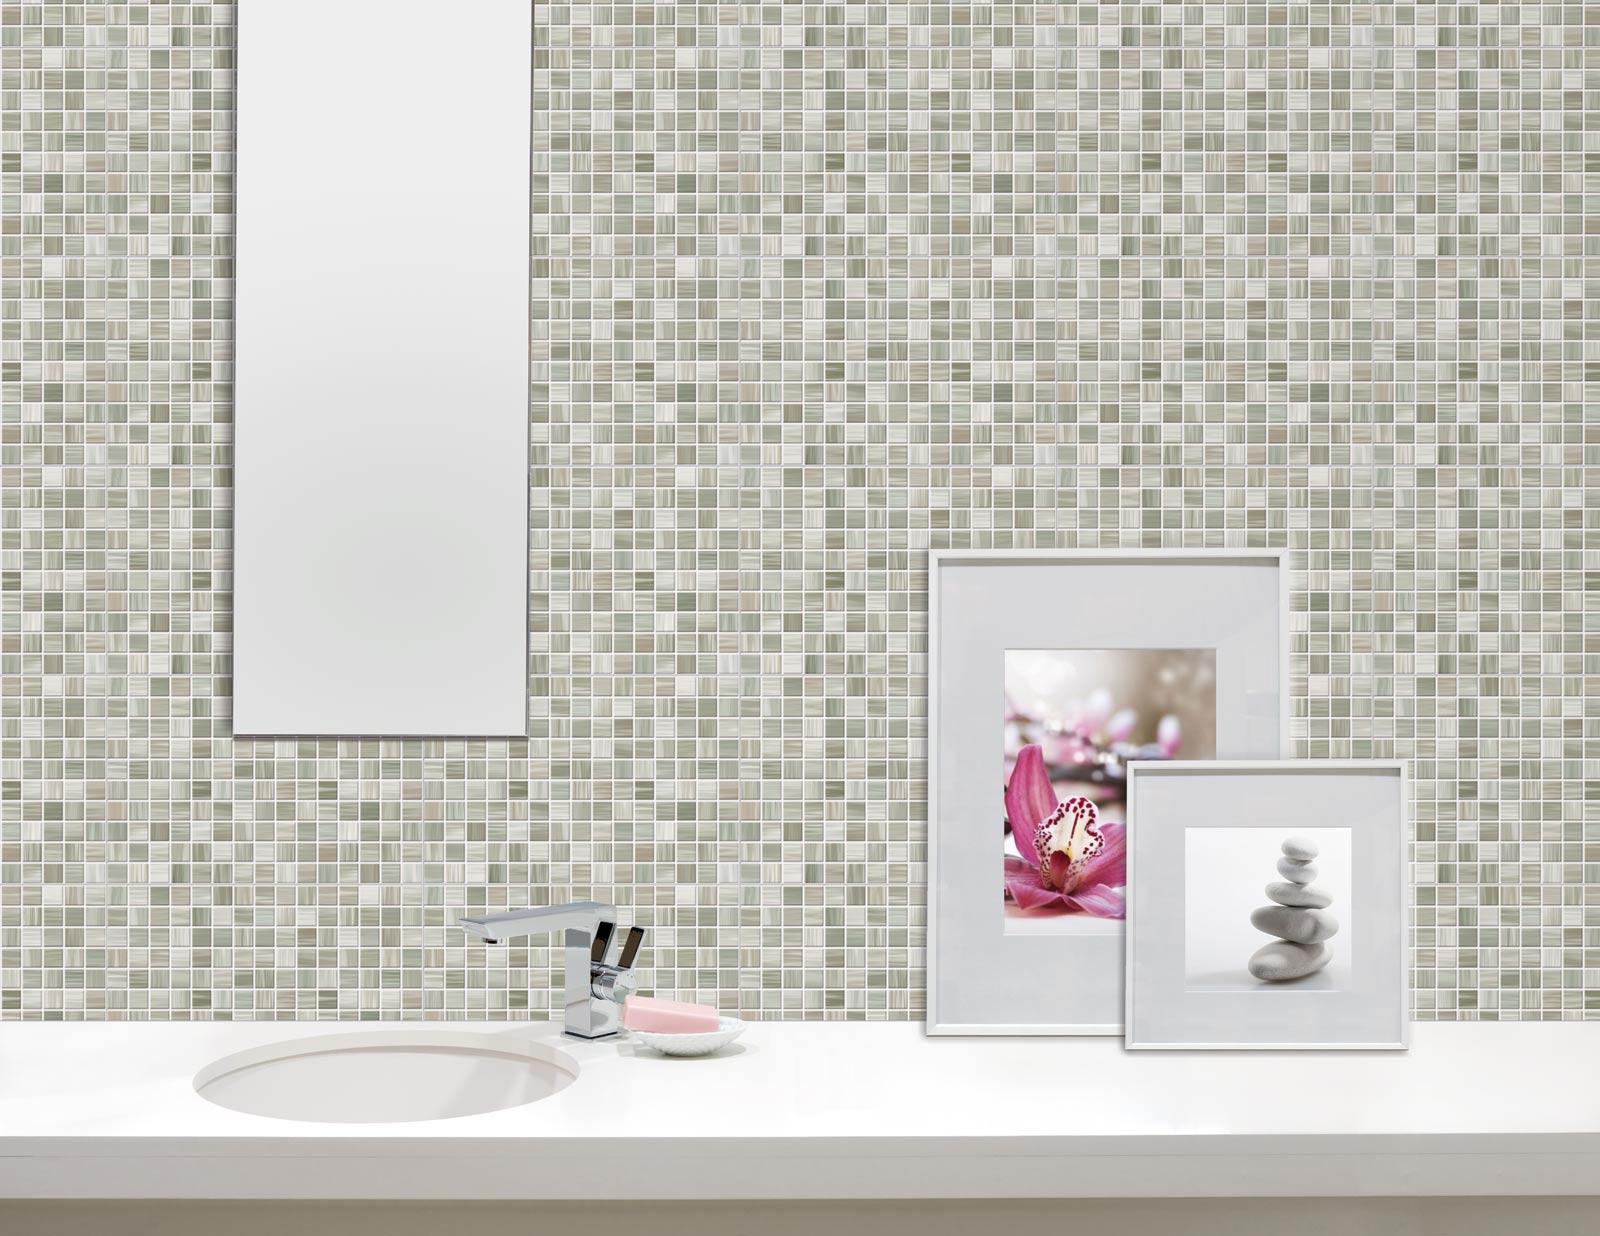 bagno mosaico grande ~ Comarg.com = Lussuoso Design del Bagno con ...